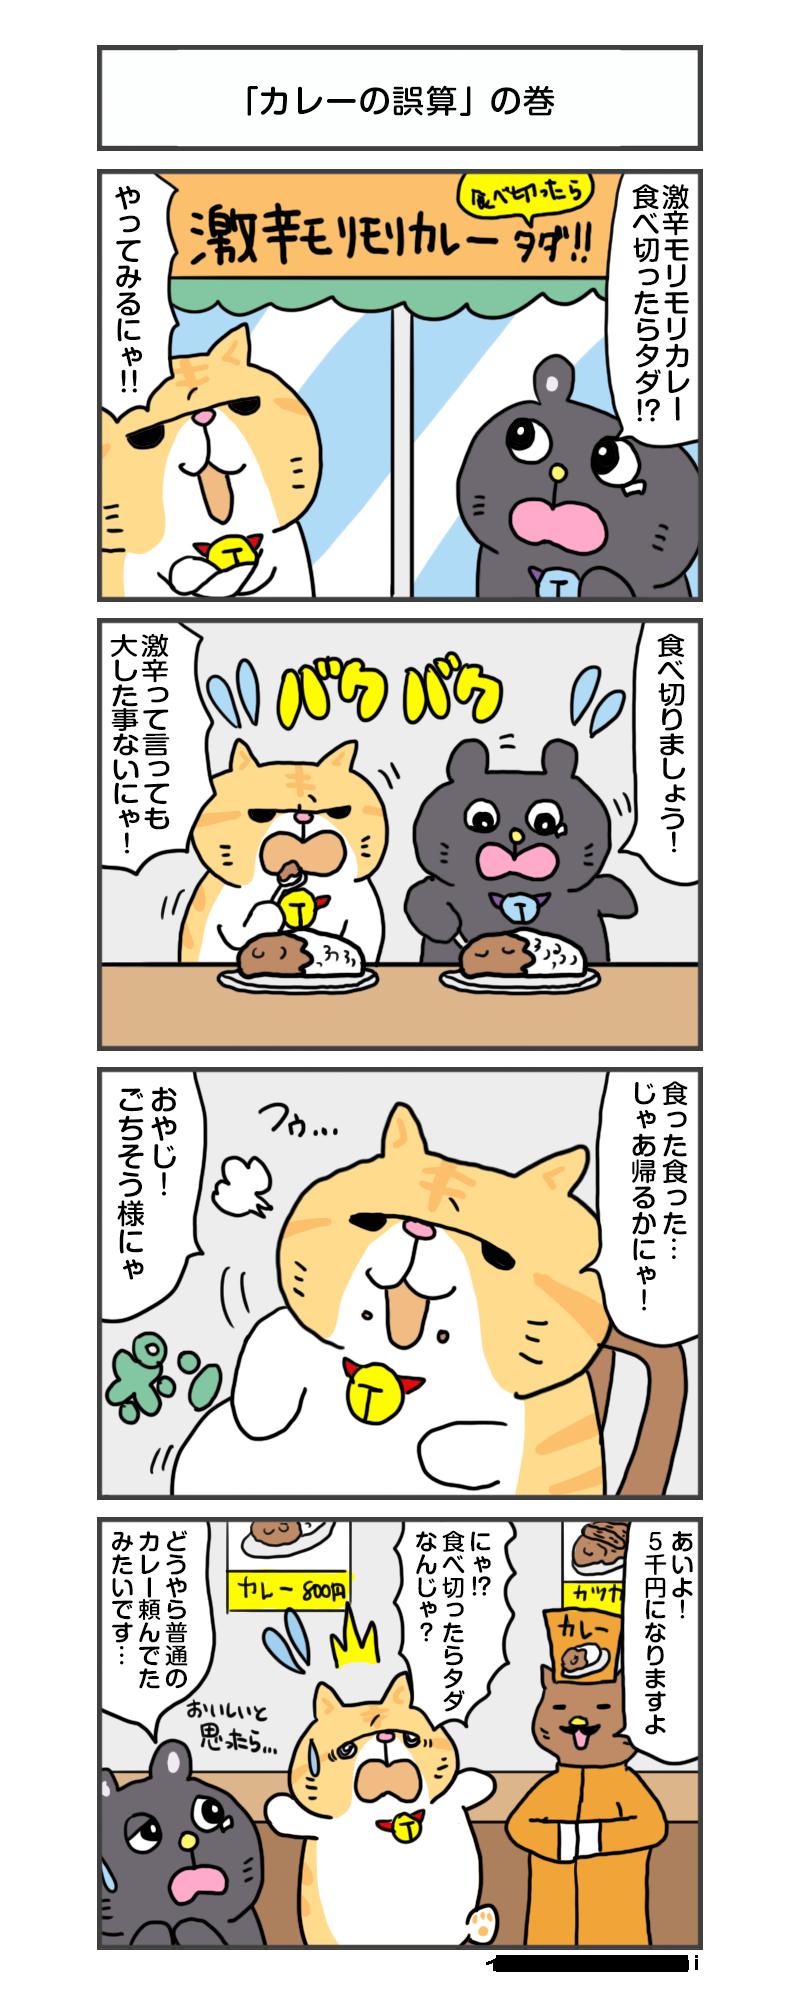 えきぞうmanga_vol.280